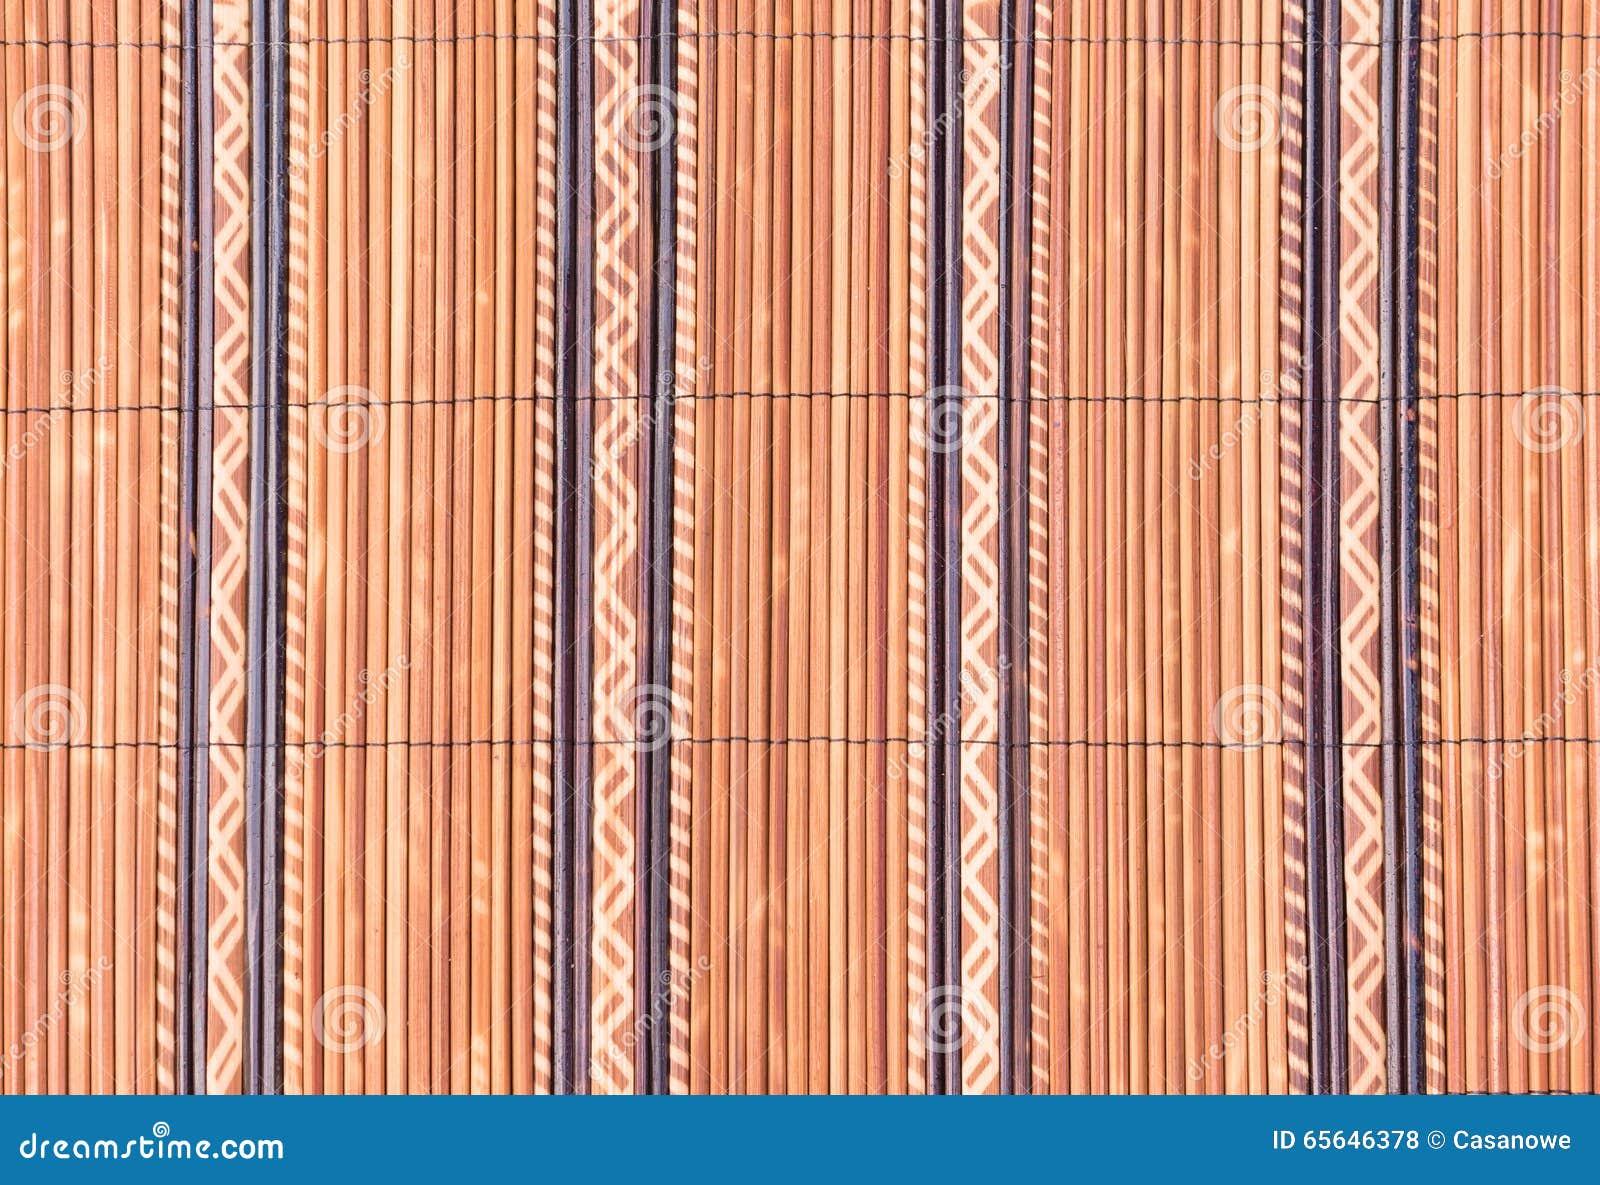 Armure de petite texture en bois en bambou pour le fond